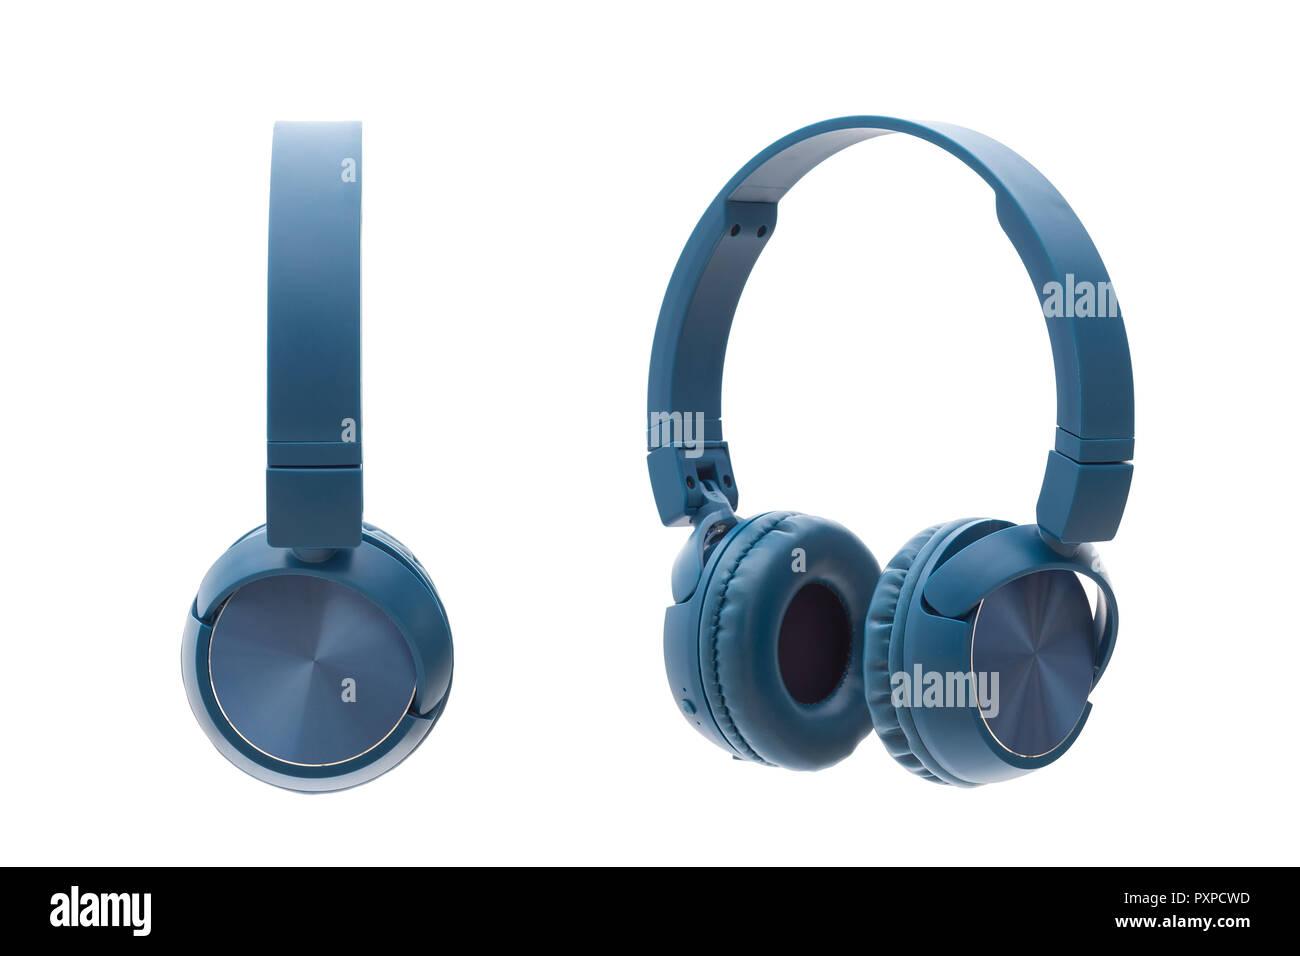 Casque bleu bluetooth sur fond blanc studio pack shot équipement isolé Photo Stock